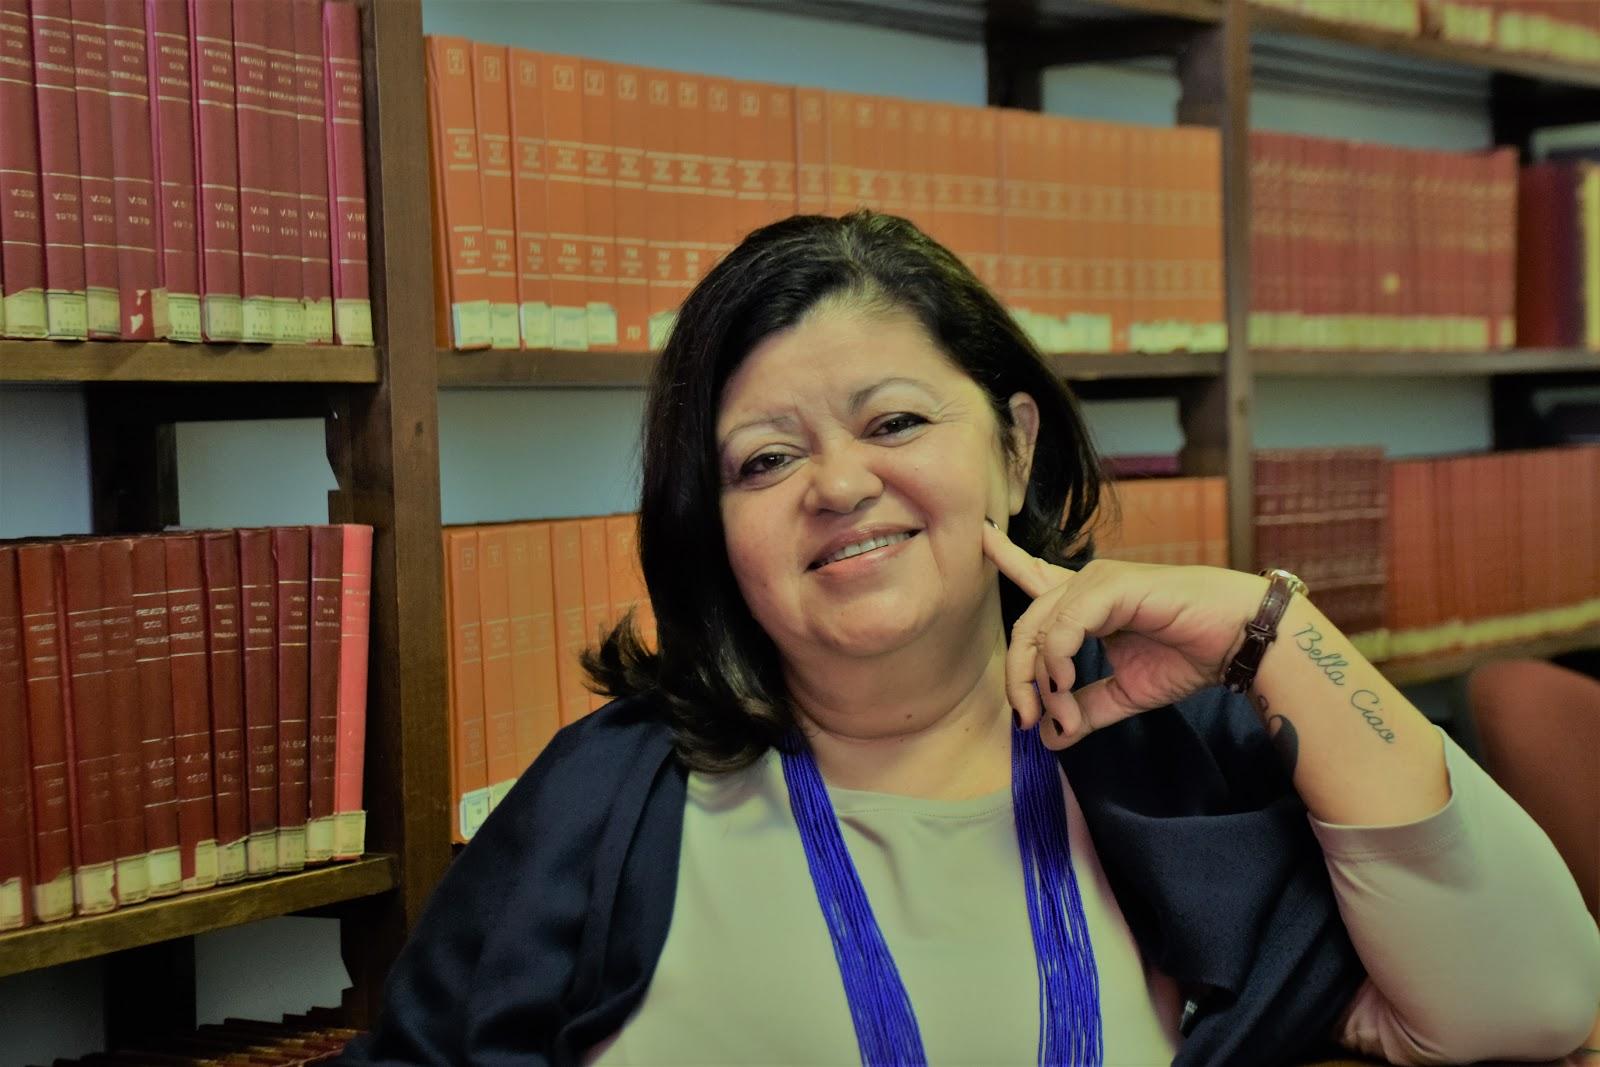 Claudia Giannotti vai conversar sobre comunicação no Cursinho do Vito